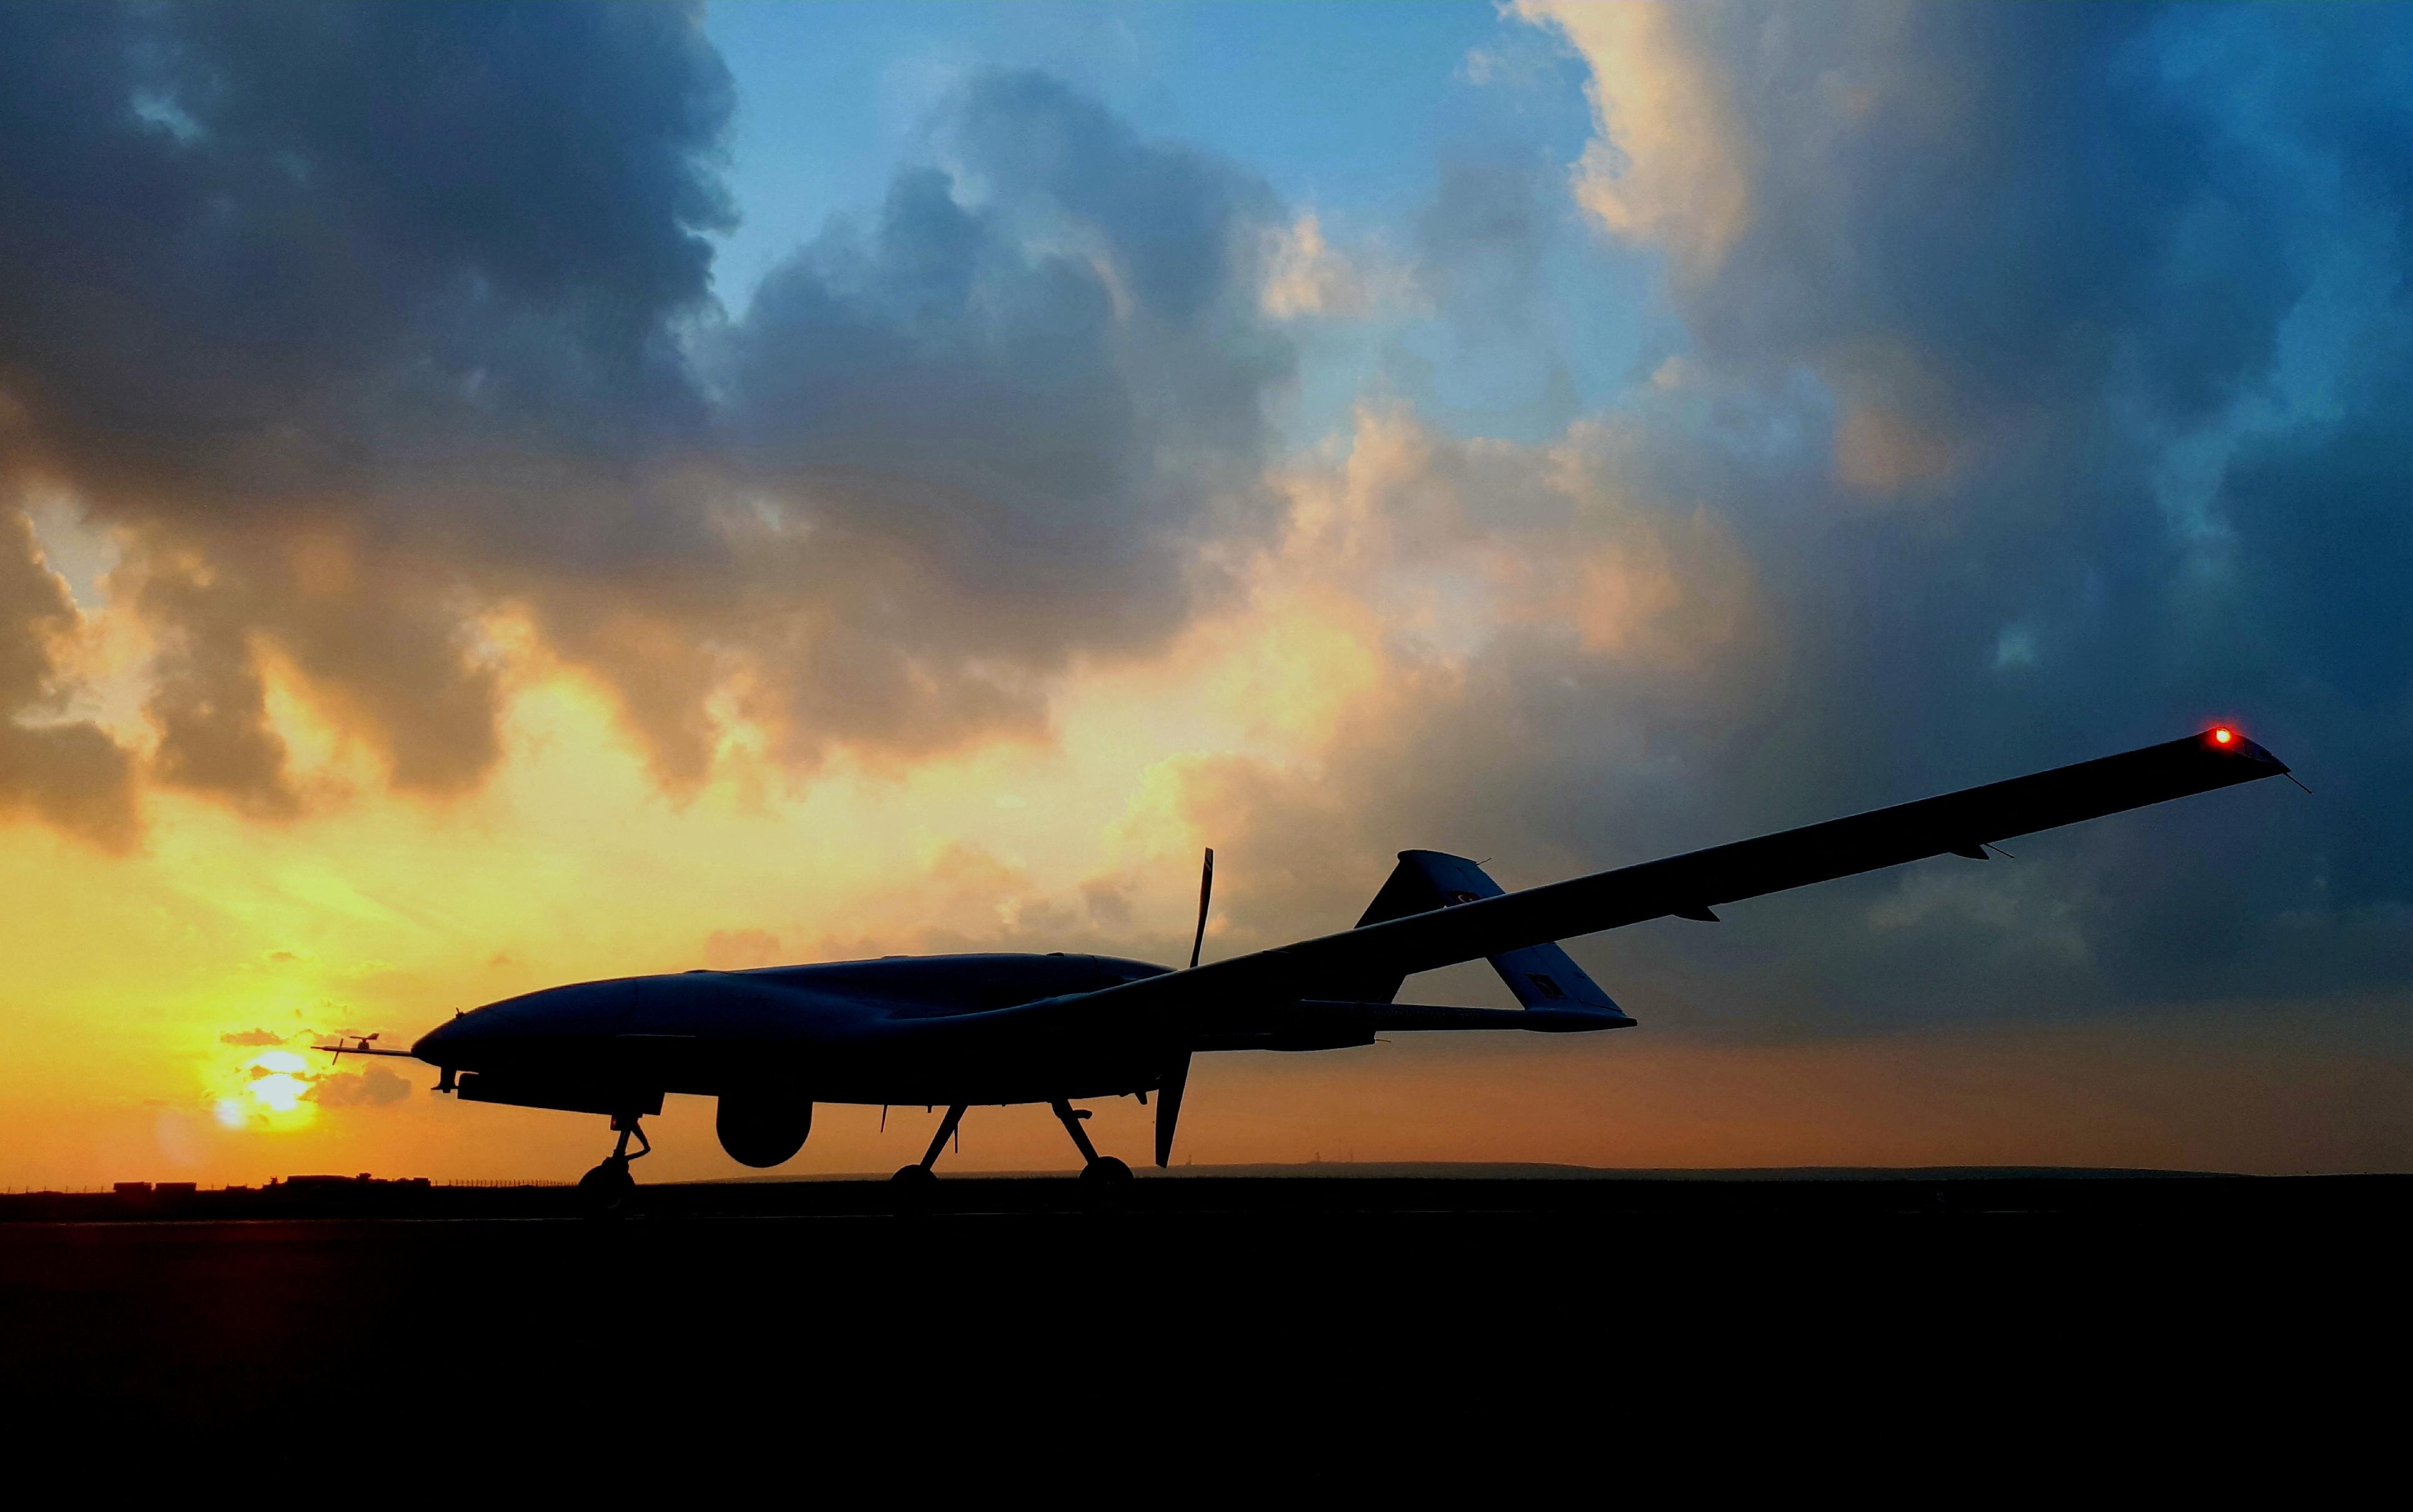 Fukuyama szerint elérkezett a drónok kora, és ez megváltoztathatja a hadviselést